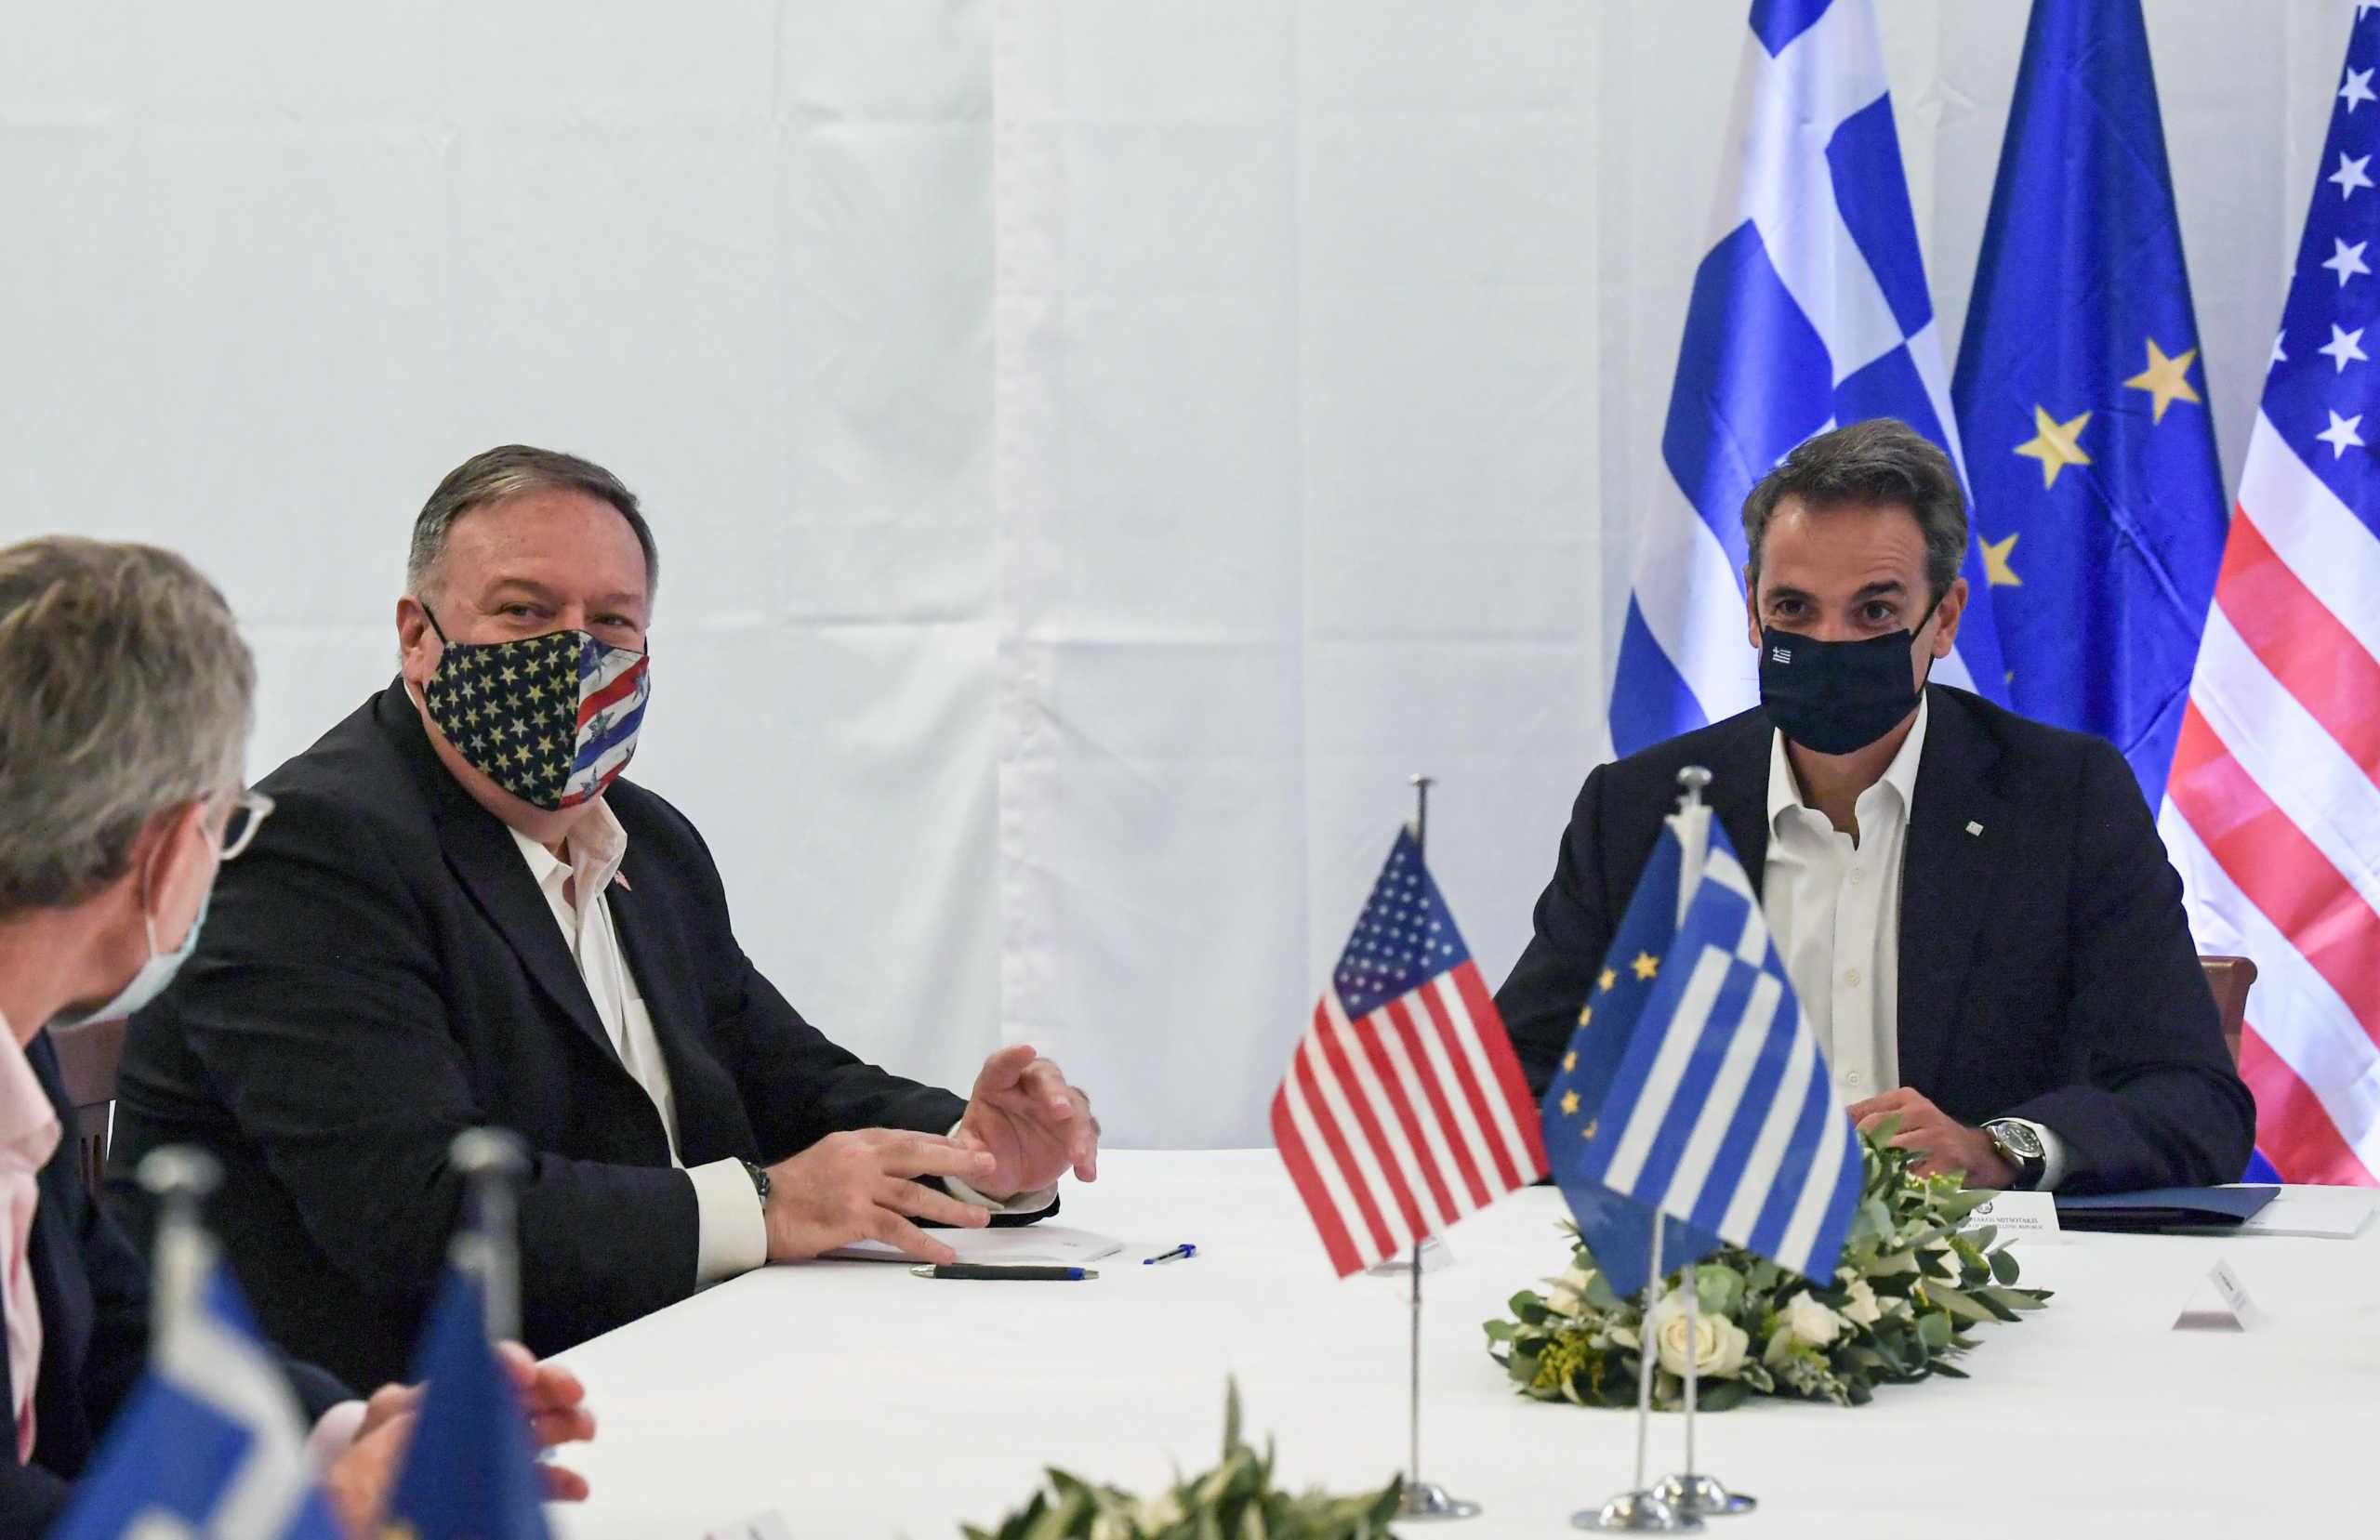 Πομπέο: Βλέπουμε την Ελλάδα σαν έναν πυλώνα σταθερότητας – Μητσοτάκης προς Άγκυρα: Ήρθε η σειρά της διπλωματίας